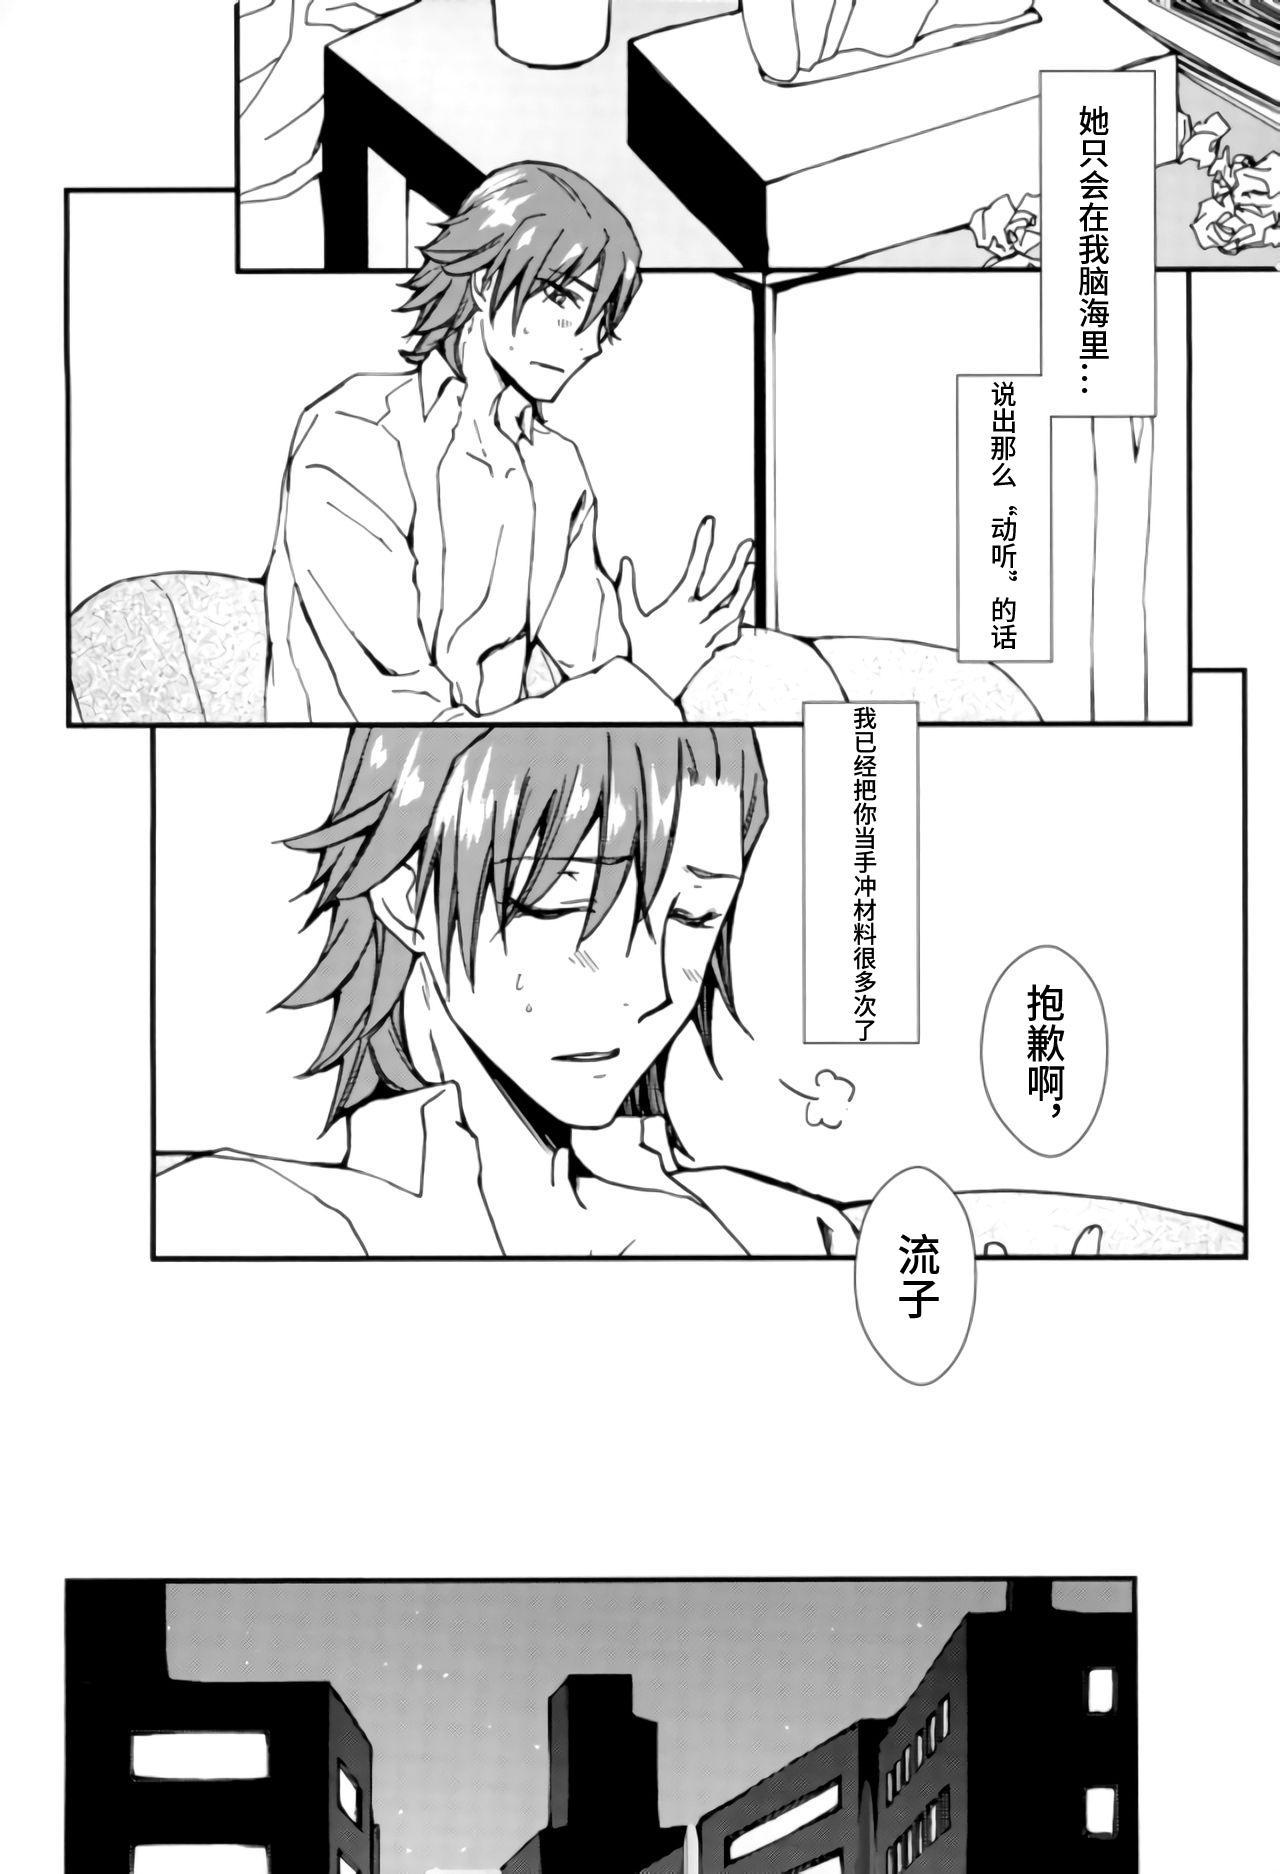 Sekai de Ichiban Kimi ga Suki 21